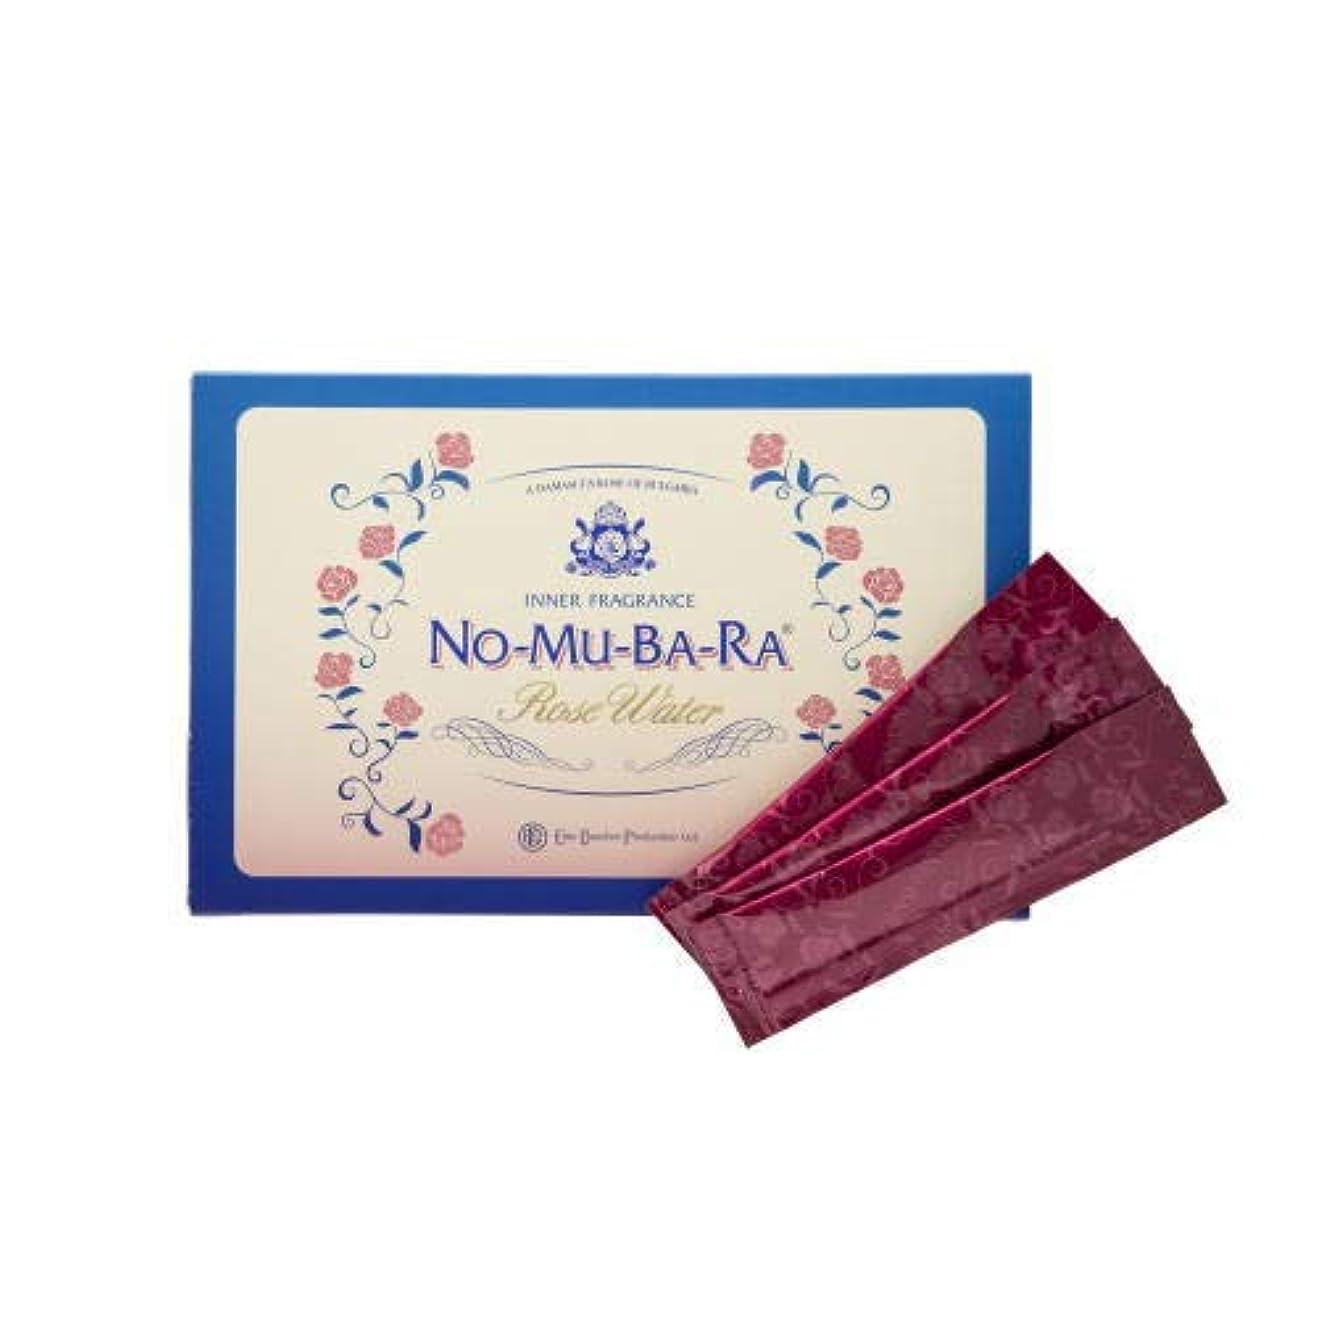 外観おとこ寄付するNO-MU-BA-RA NO-MU-BA-RA(ノムバラ)(35包入)×2箱【モンドセレクション受賞】